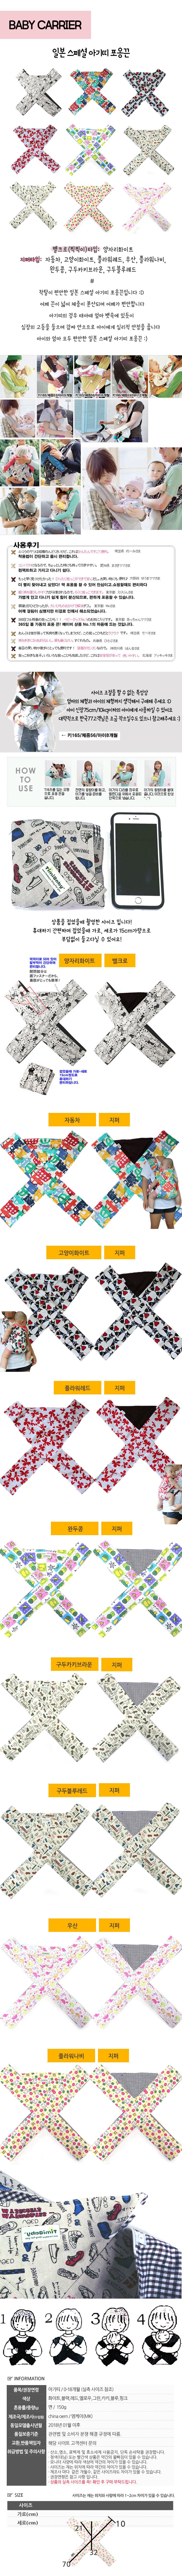 일본 베이비 special 아기띠 포옹끈500015 - 조이멀티, 17,700원, 아기띠/캐리어, 아기띠/캐리어